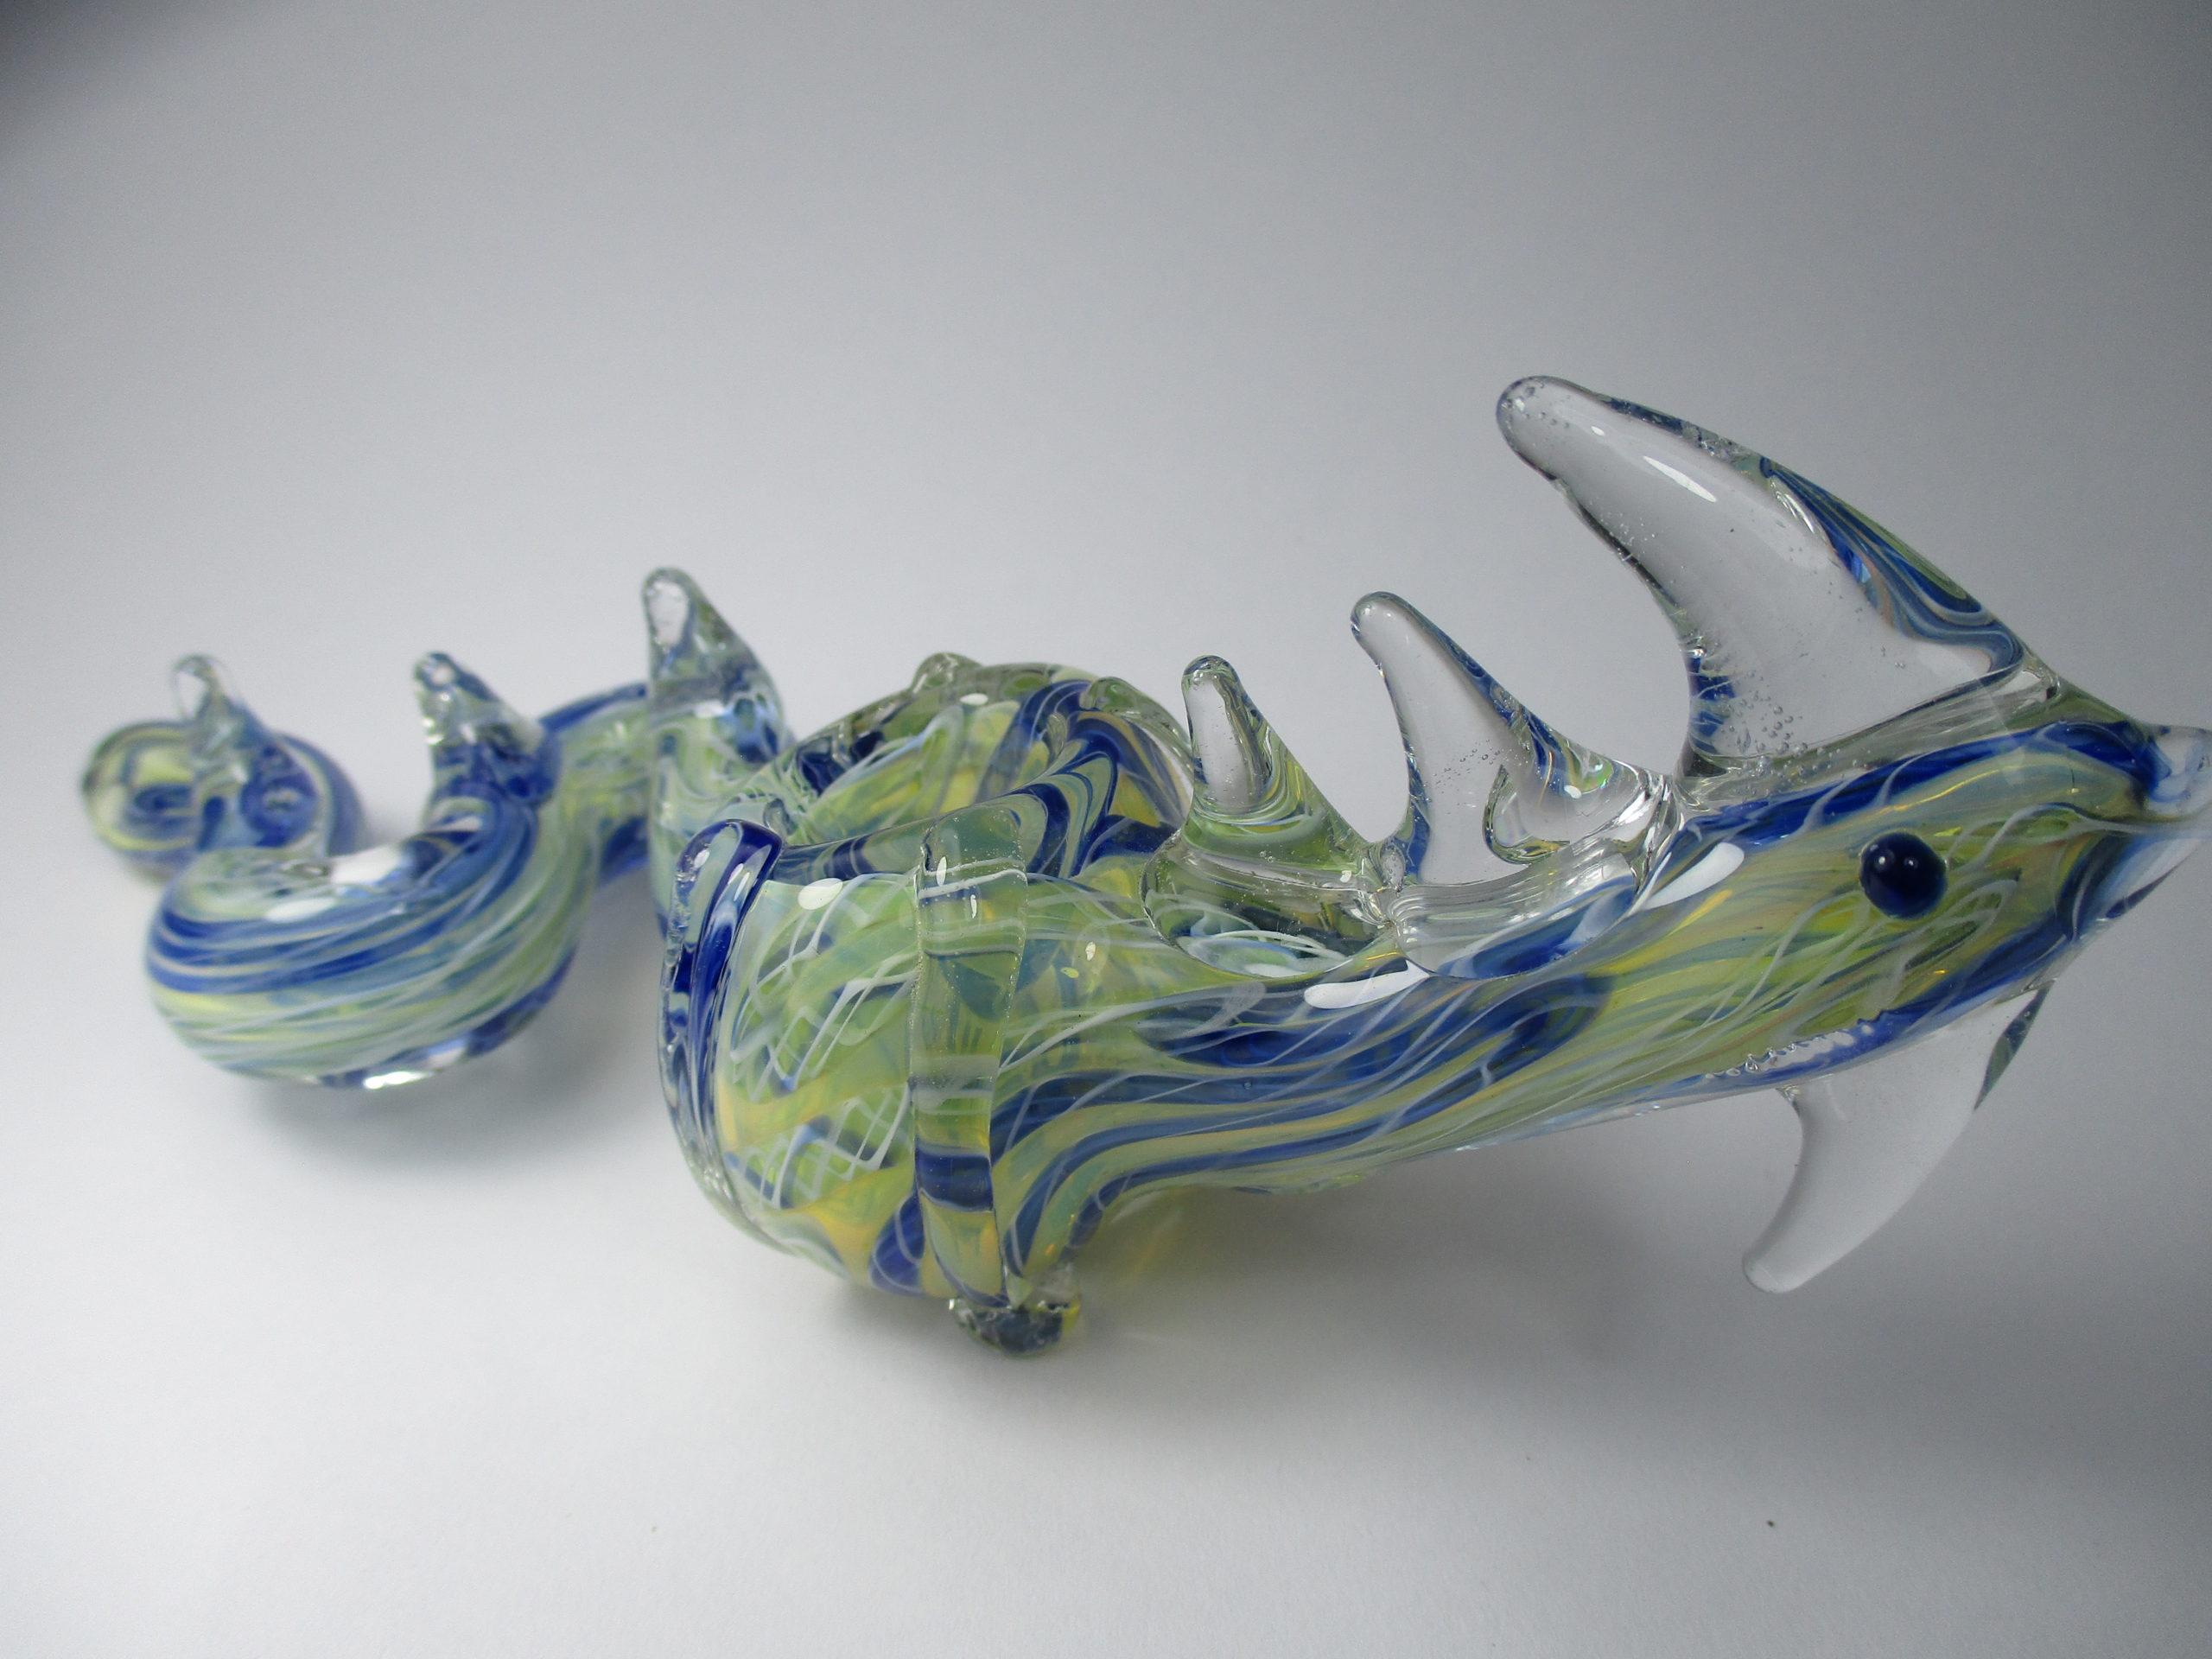 Pipa Dragon De Vidrio Artesanal